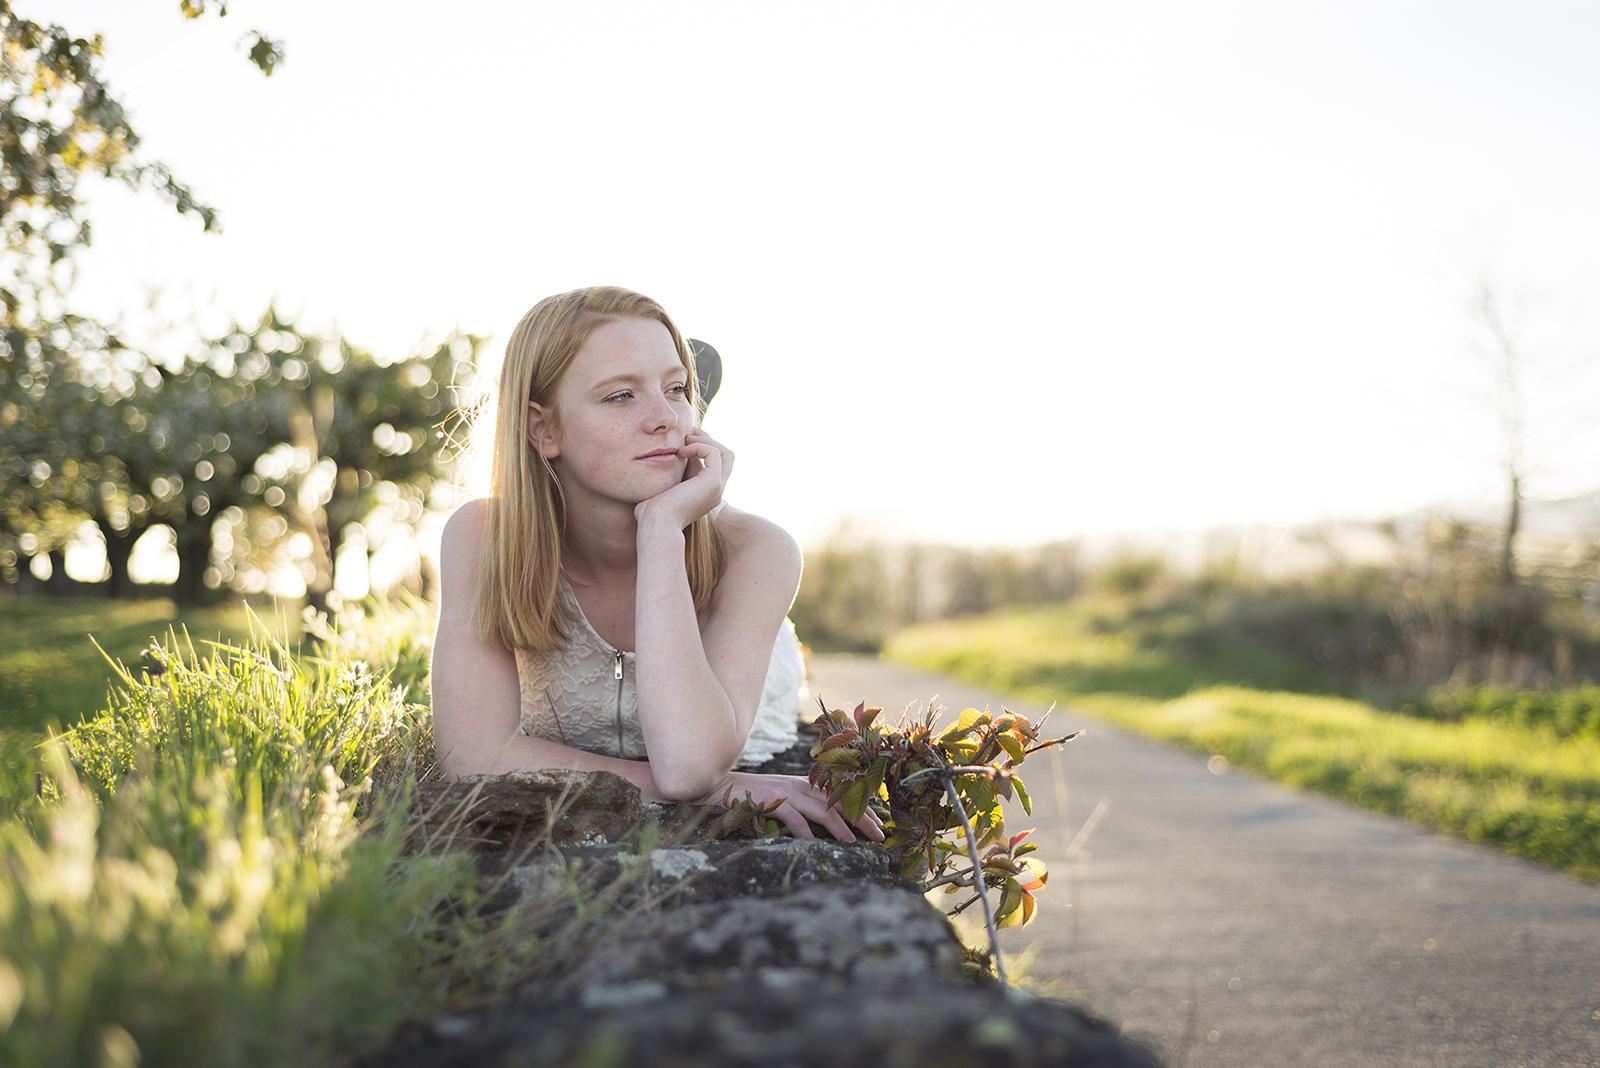 jeune fille sur un mur au coucher du soleil